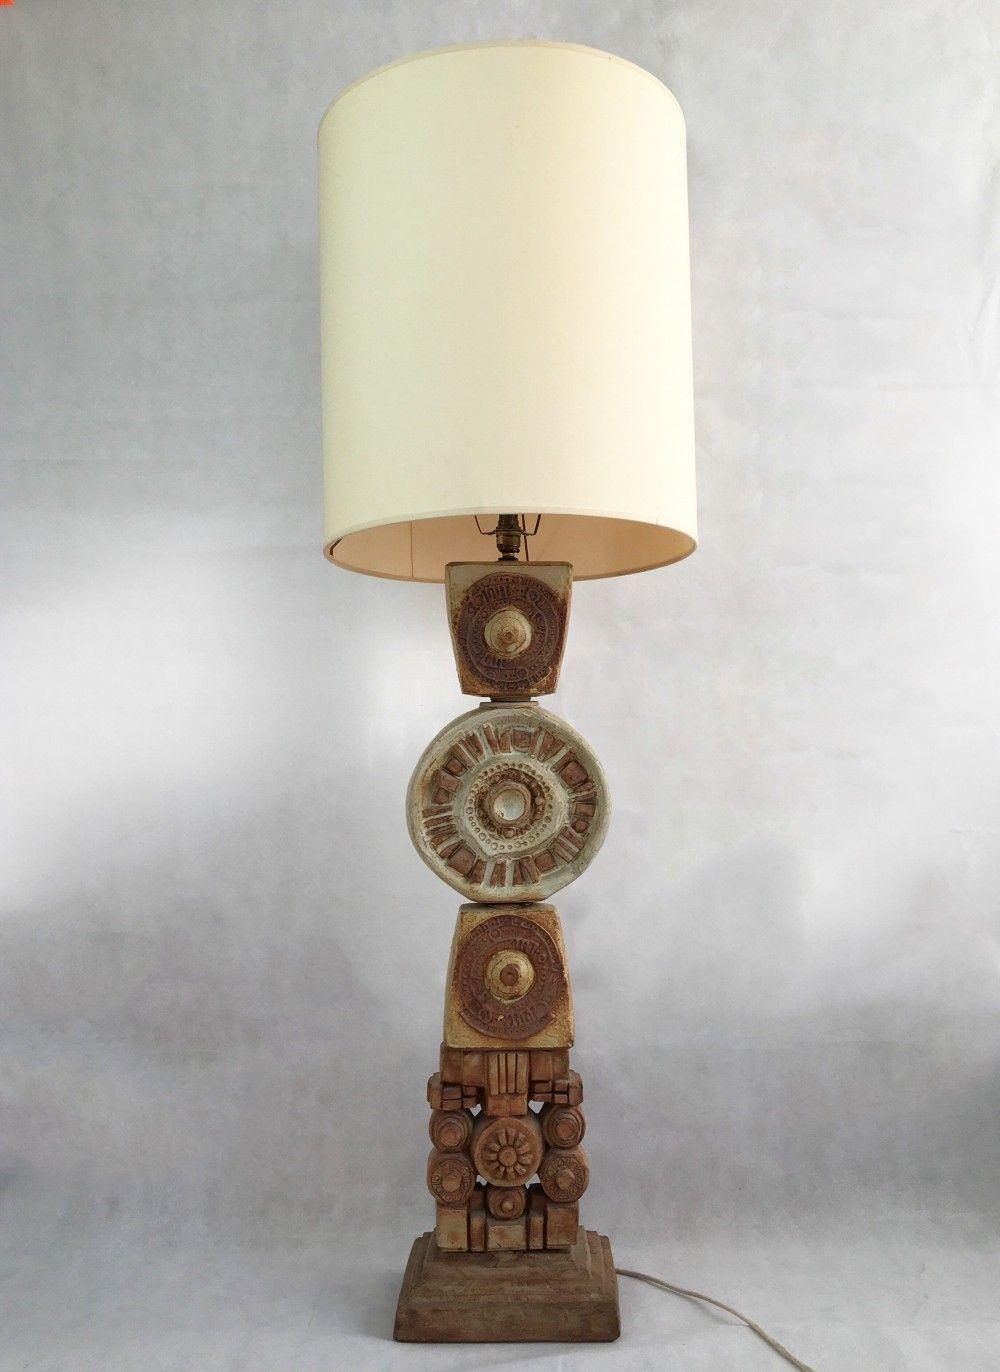 For Sale Large Ceramic Totem Floor Lamp From Bernard Rooke Studio C 1970 Lamp Hanging Floor Lamp Floor Lamp